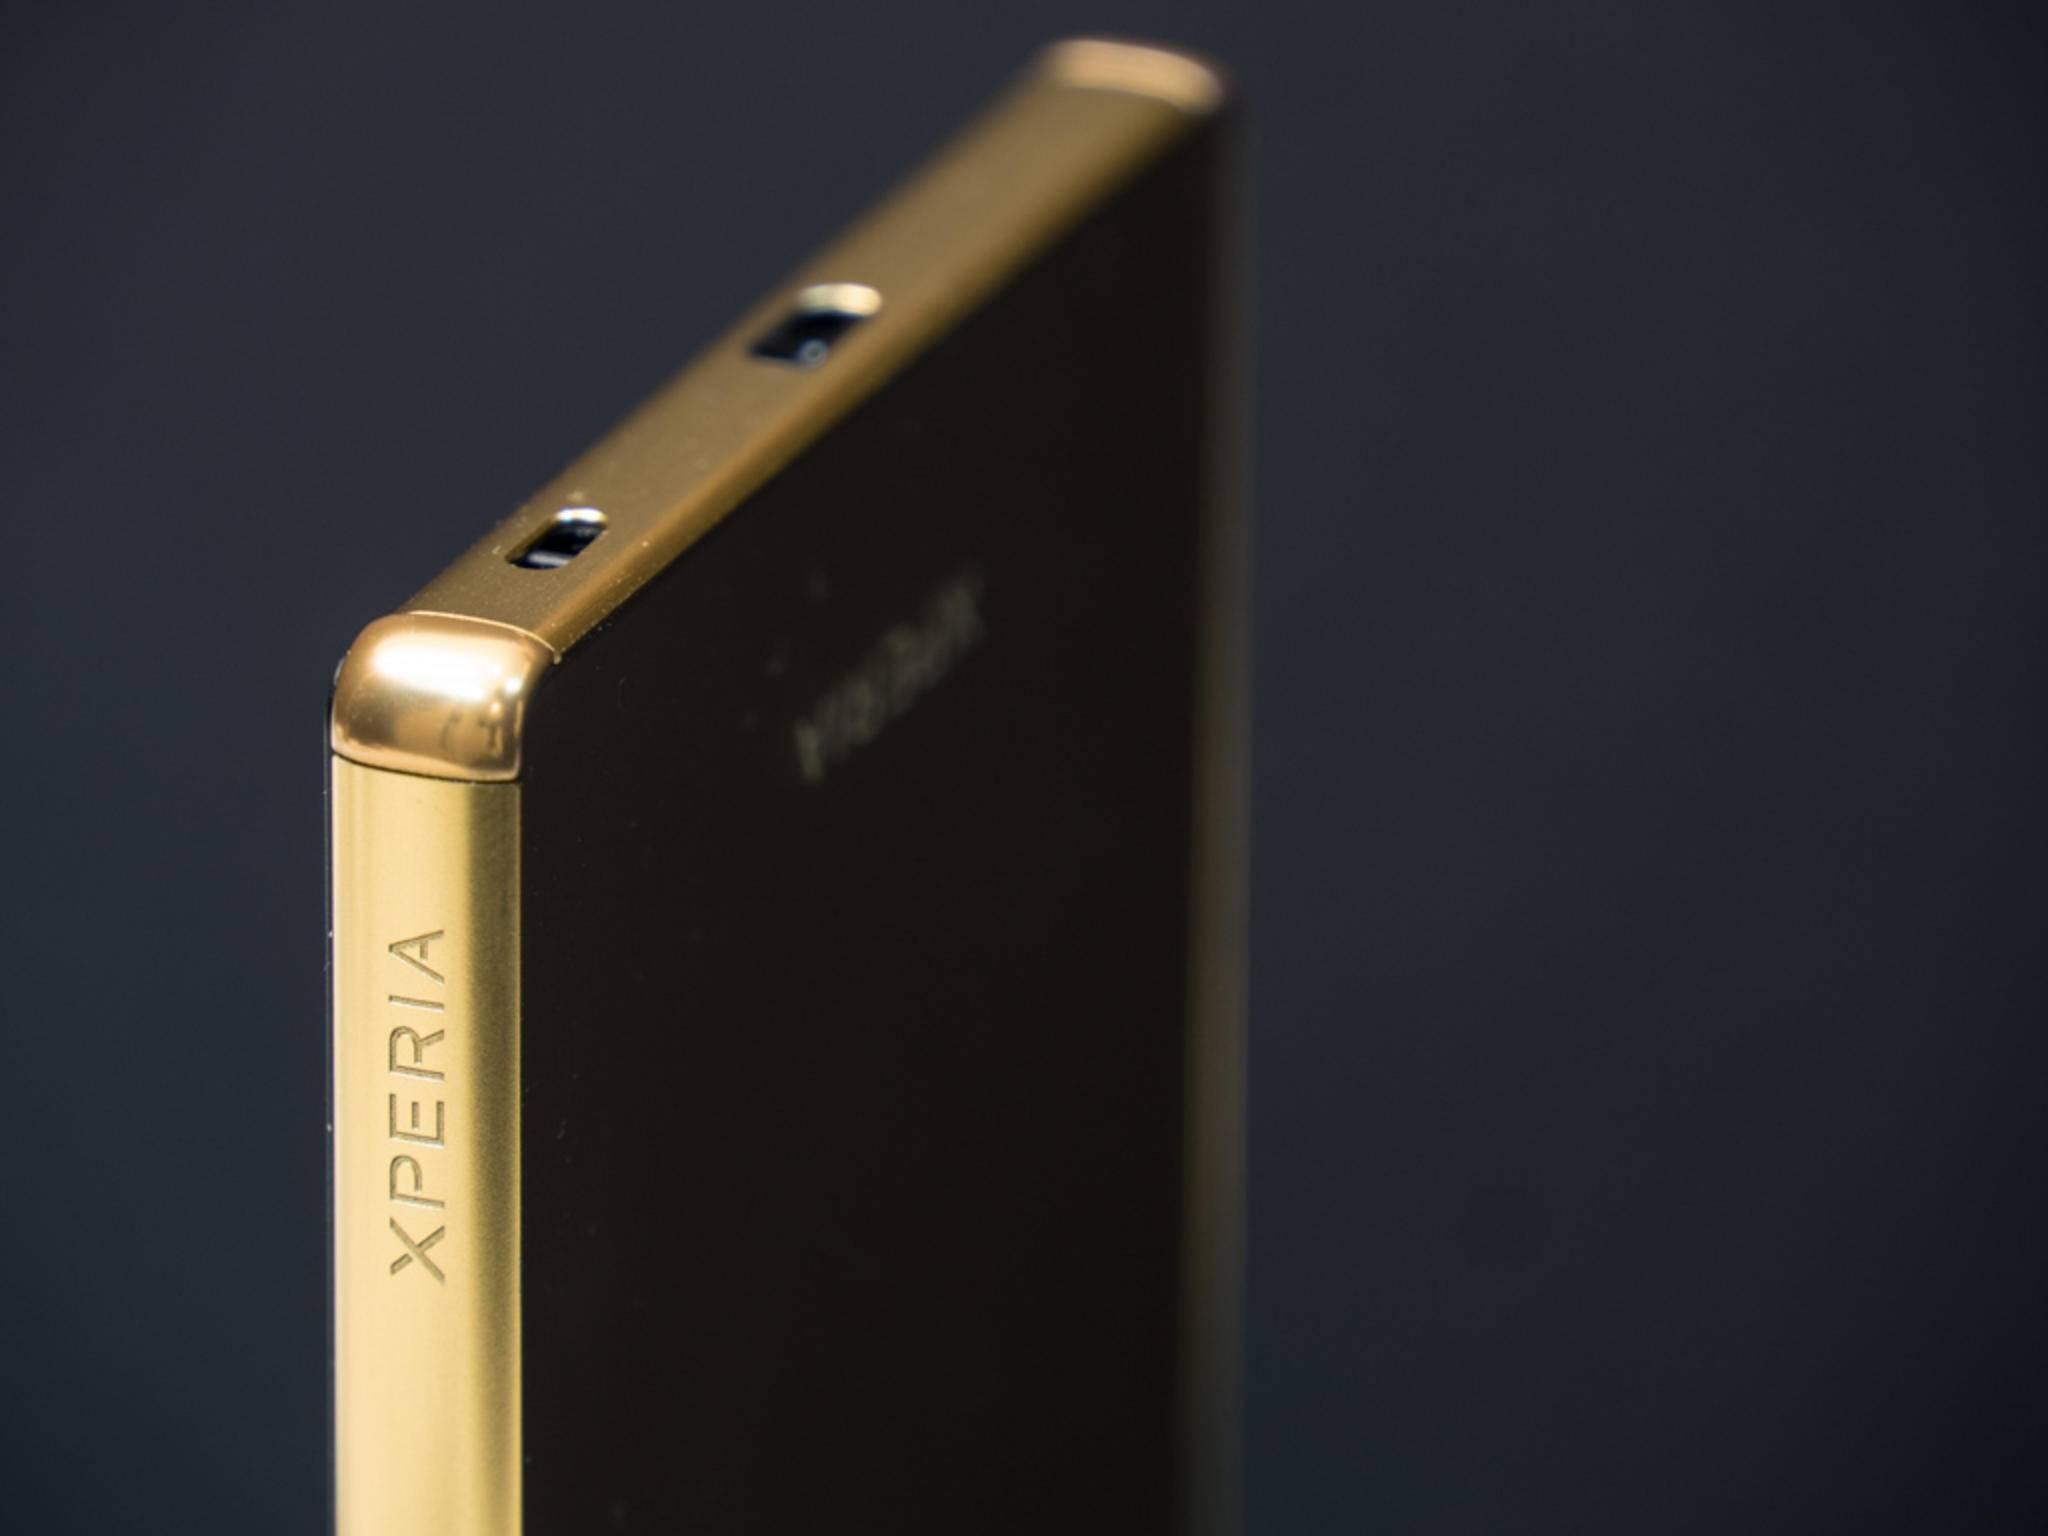 Das Xperia X Premium soll ein noch besseres Display als das Z5 Premium bieten.